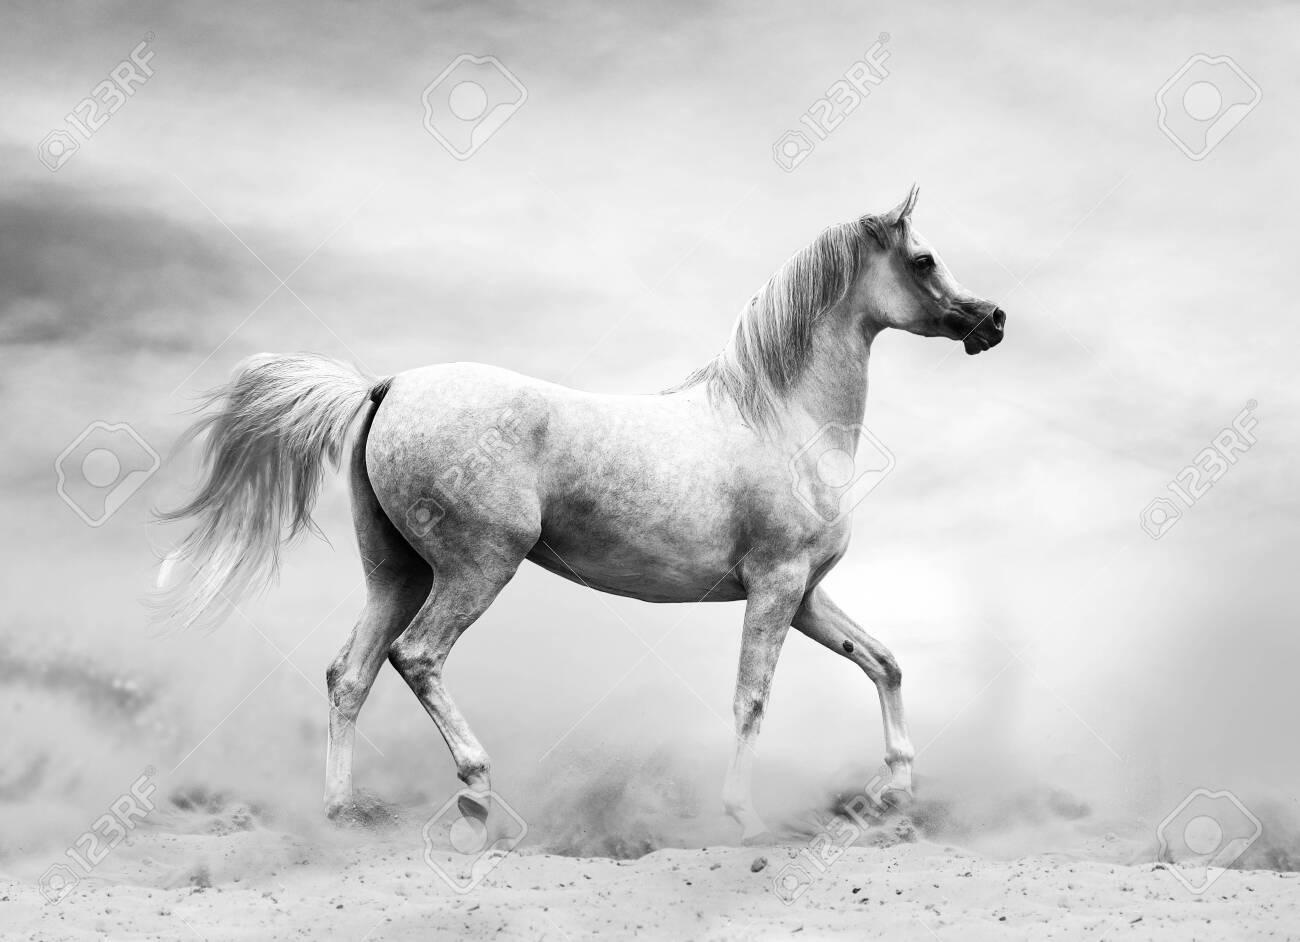 128592064-arabian-horse-in-the-desert-black-and-white-shot